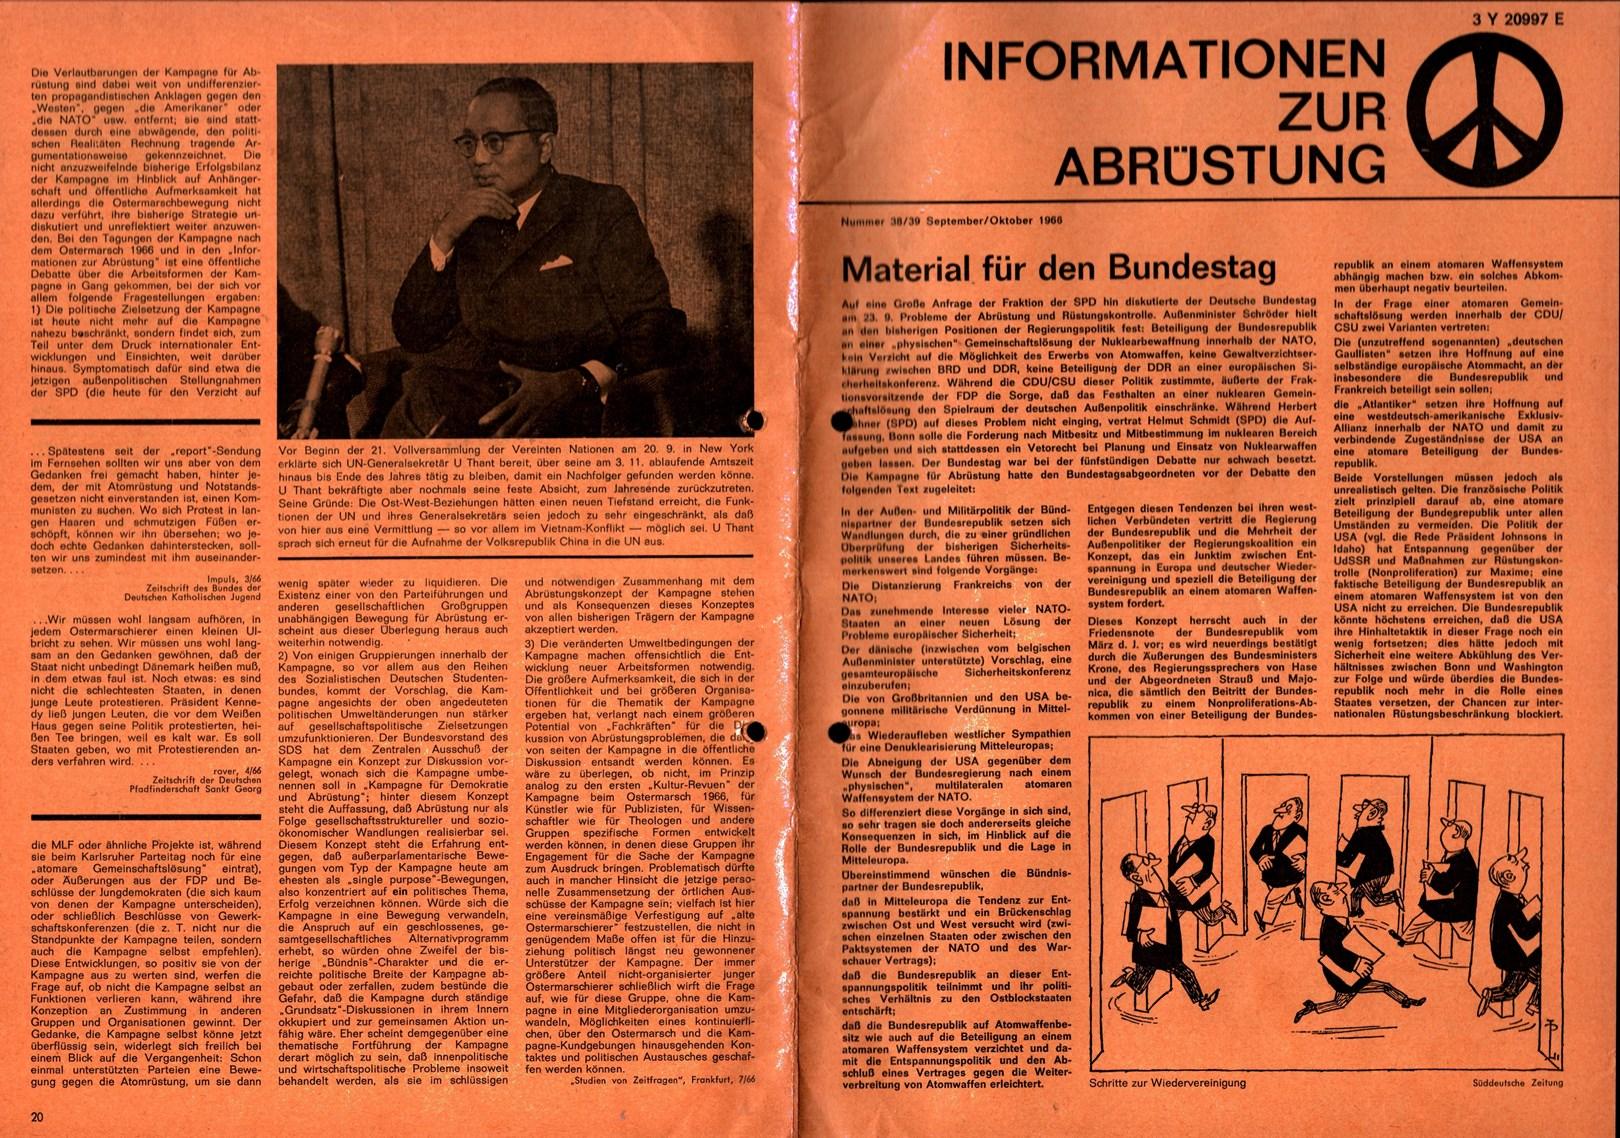 Infos_zur_Abruestung_1966_038_039_001